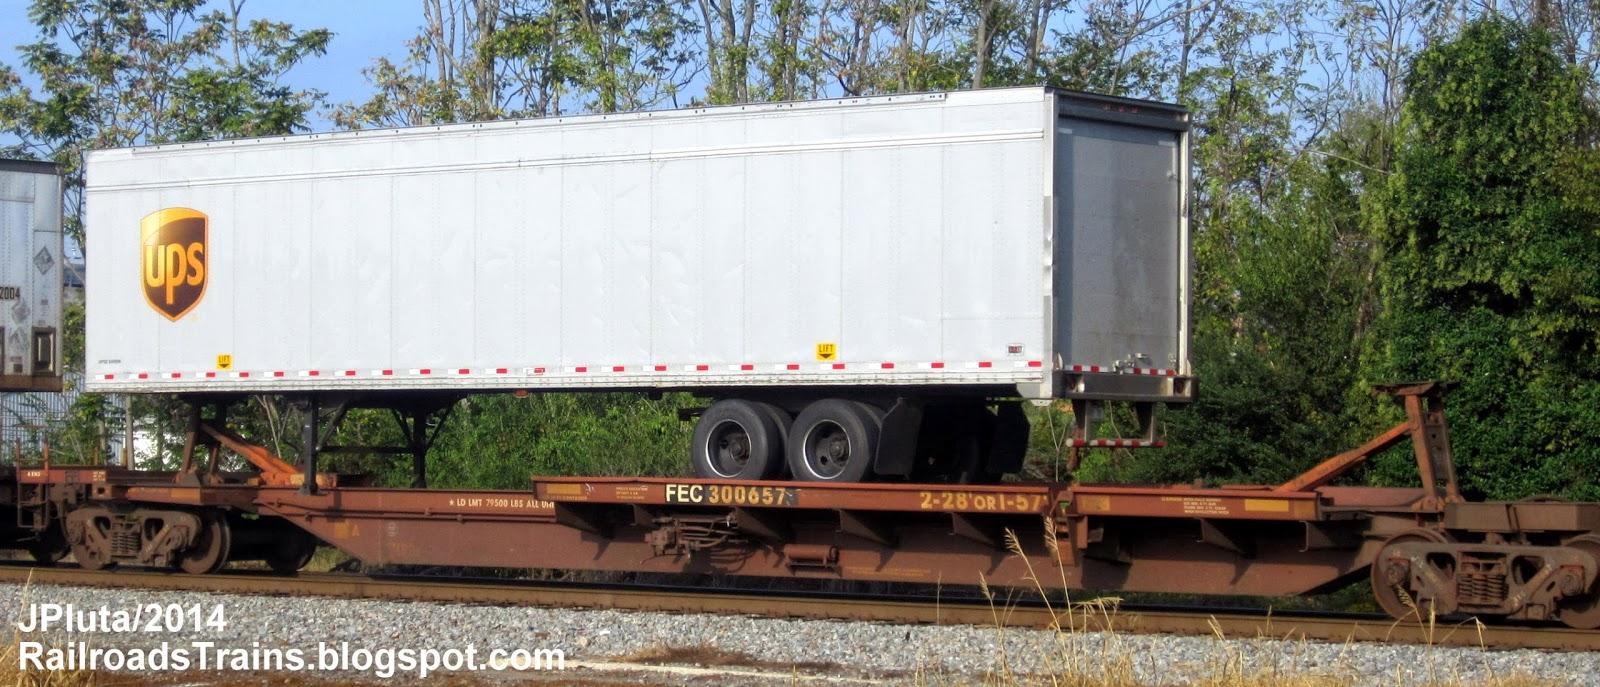 RAILROAD Freight Train Locomotive Engine EMD GE Boxcar BNSF ...